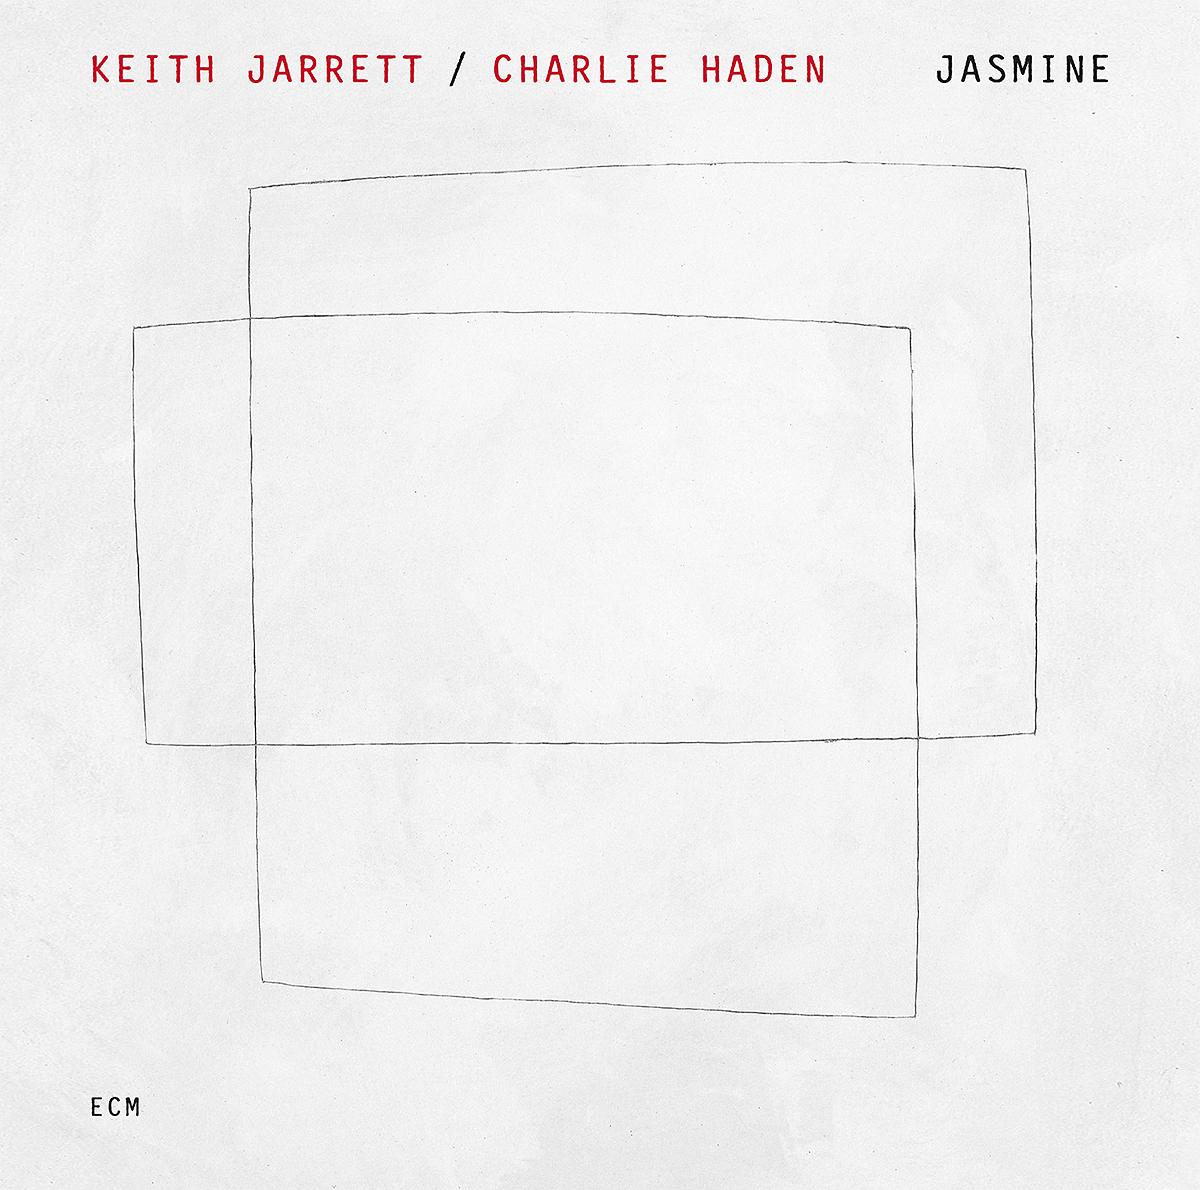 лучшая цена Кейт Джарретт,Чарли Хэйден Keith Jarrett / Charlie Haden. Jasmine